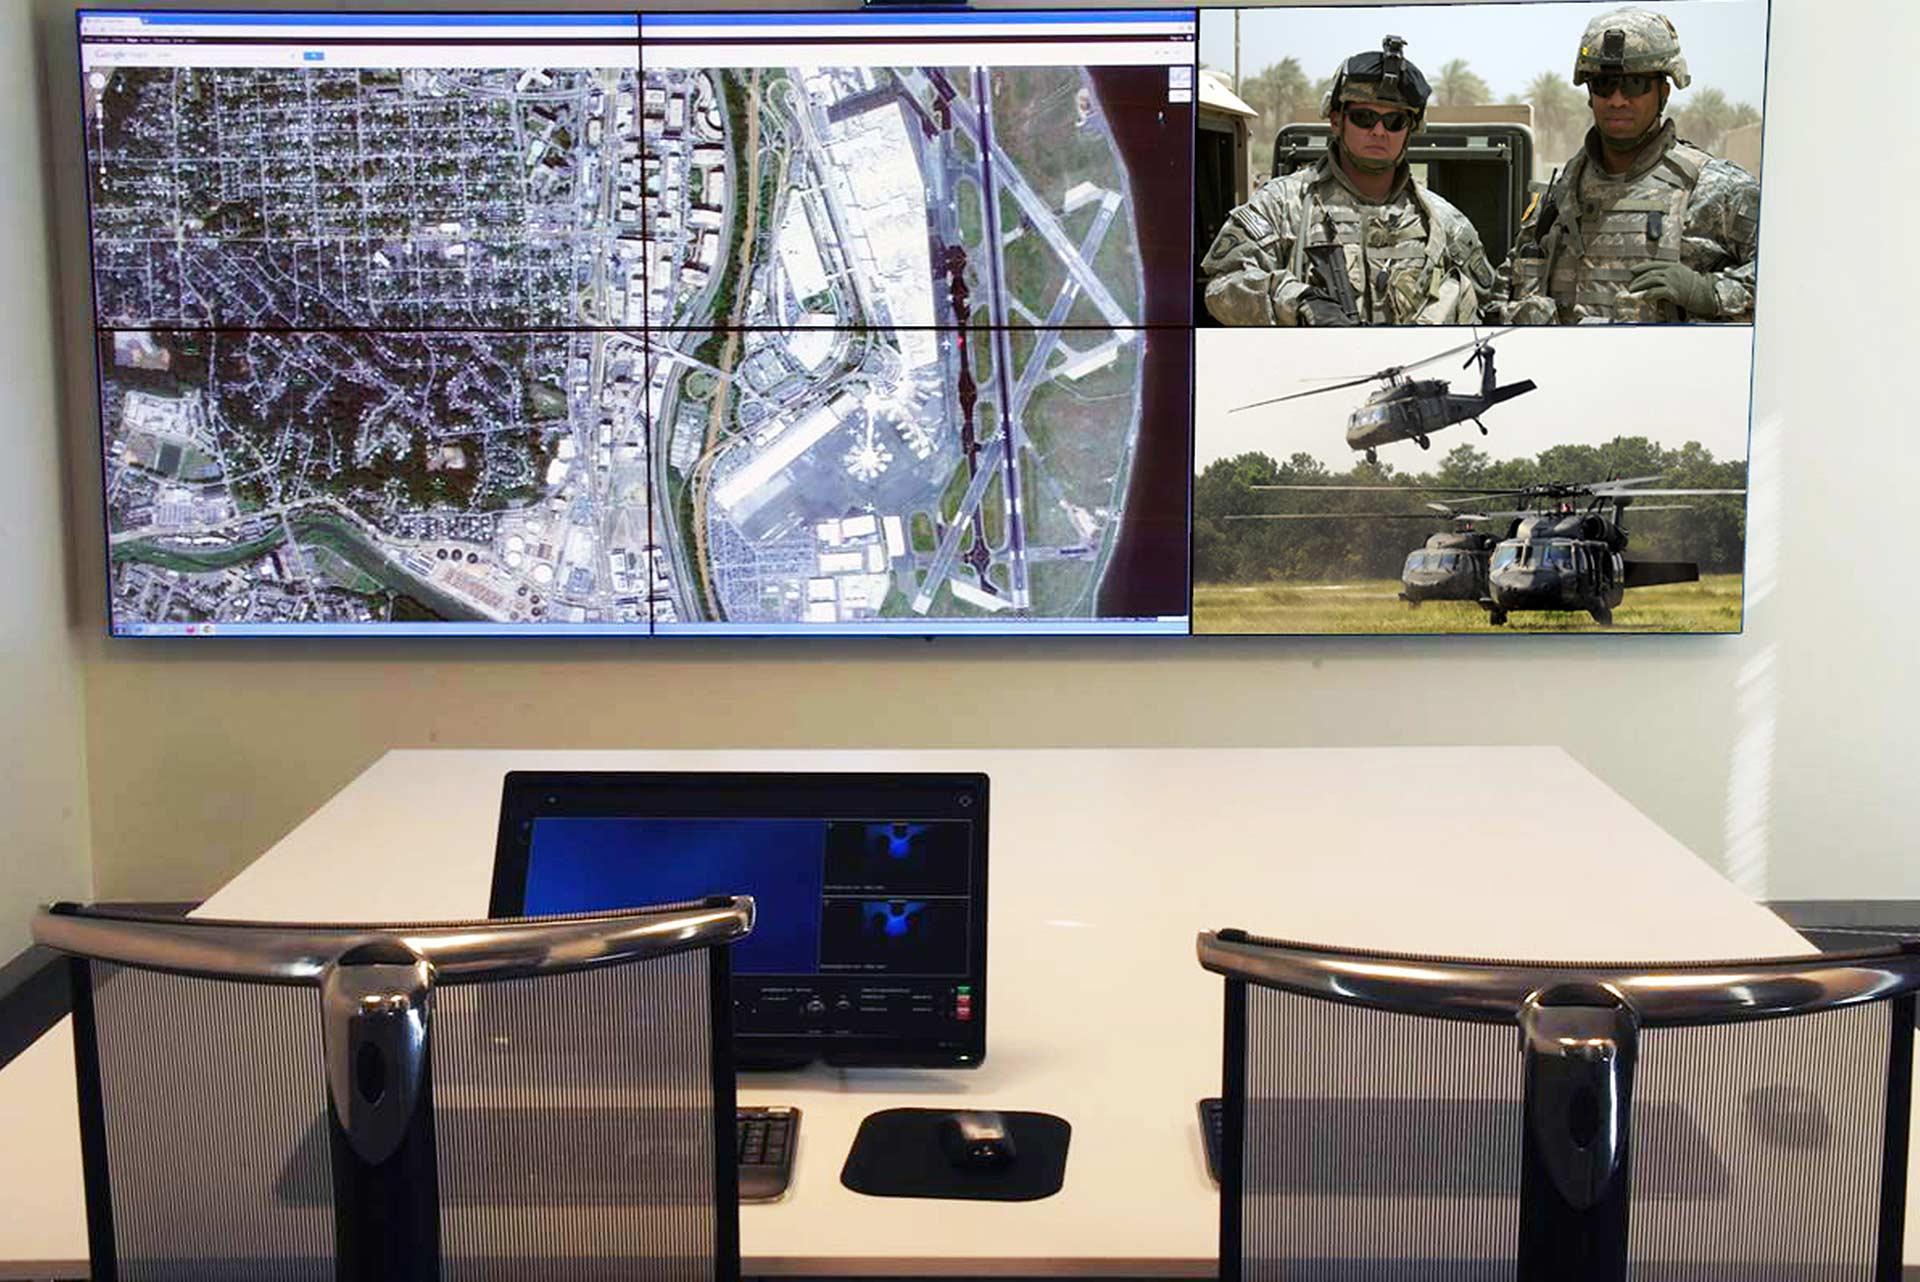 Видеостена Planar Matrix G2 в диспетчерском пункте АО Транснефть Россия